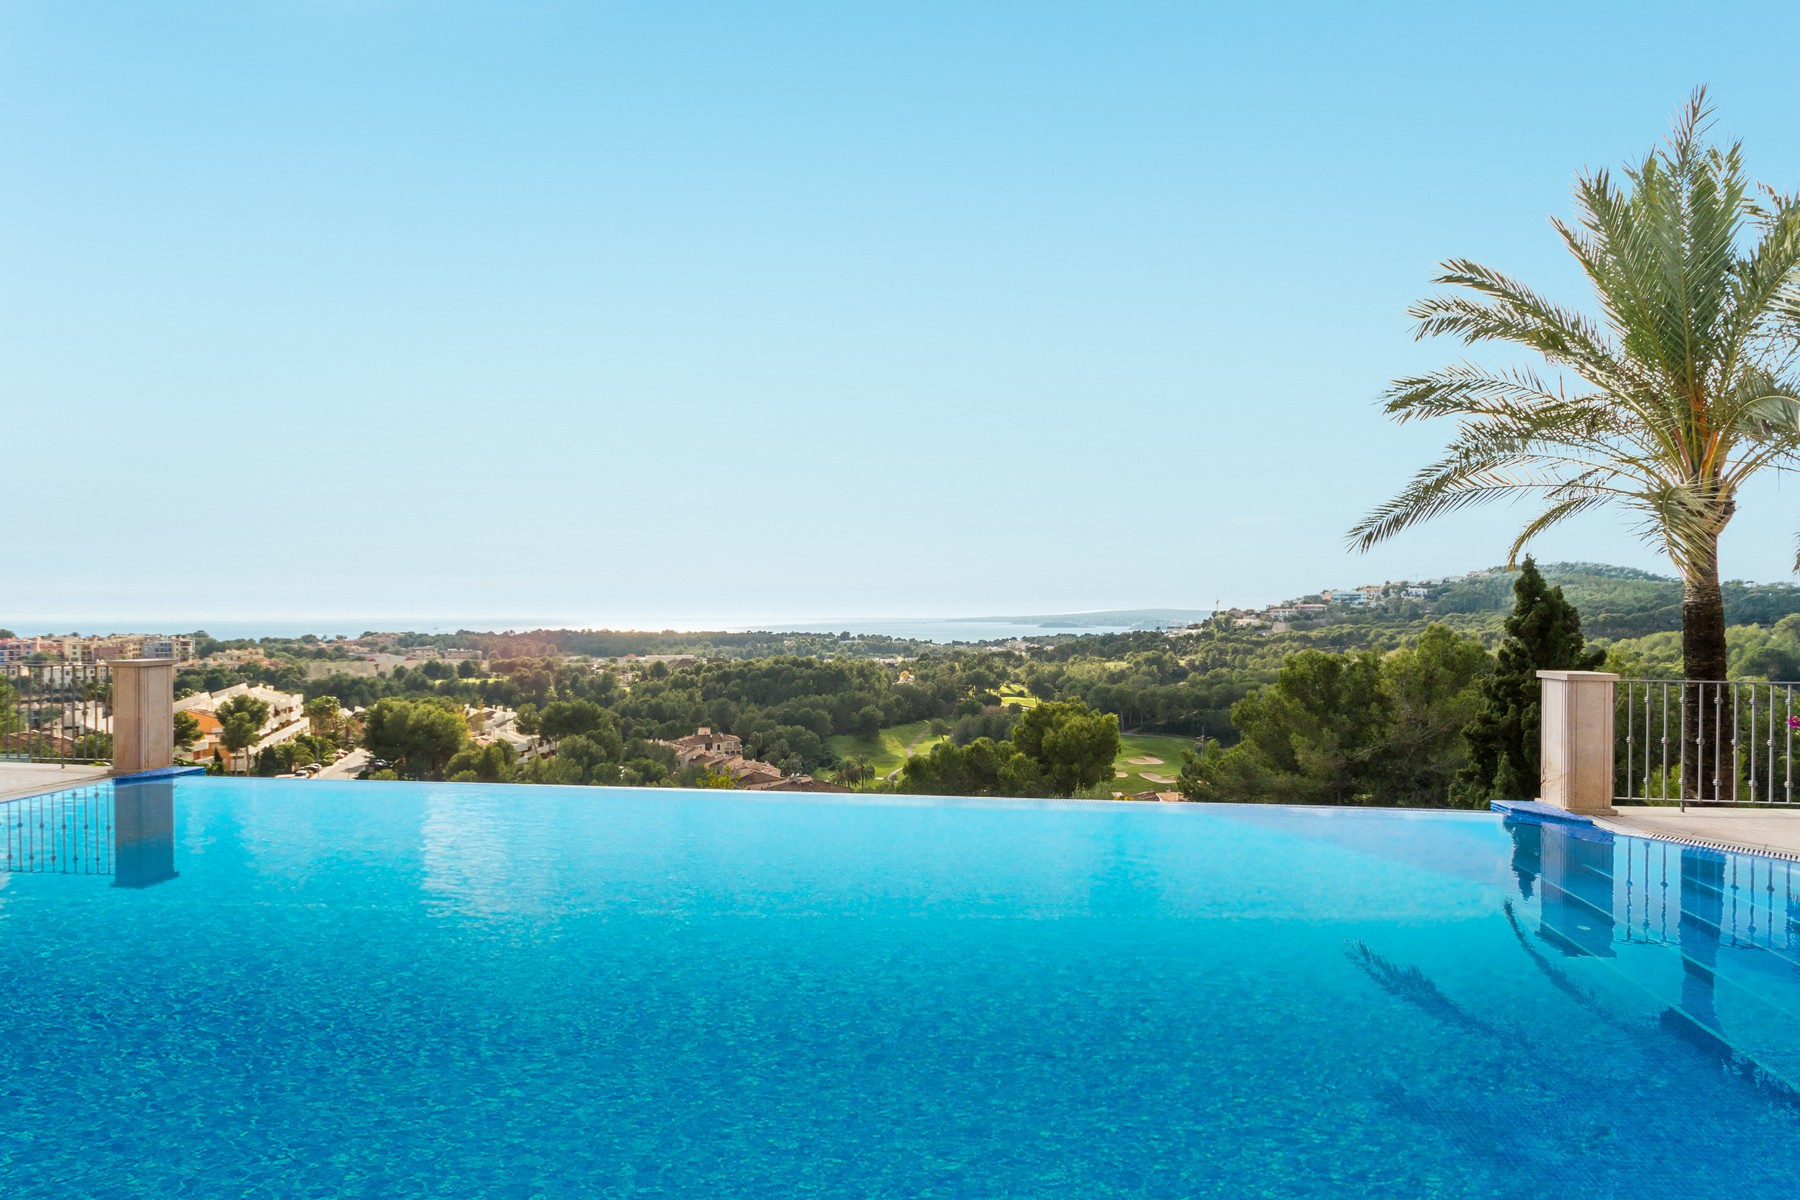 独户住宅 为 销售 在 Luxury villa in prime location in Bendinat Bendinat, 马洛卡 07181 西班牙